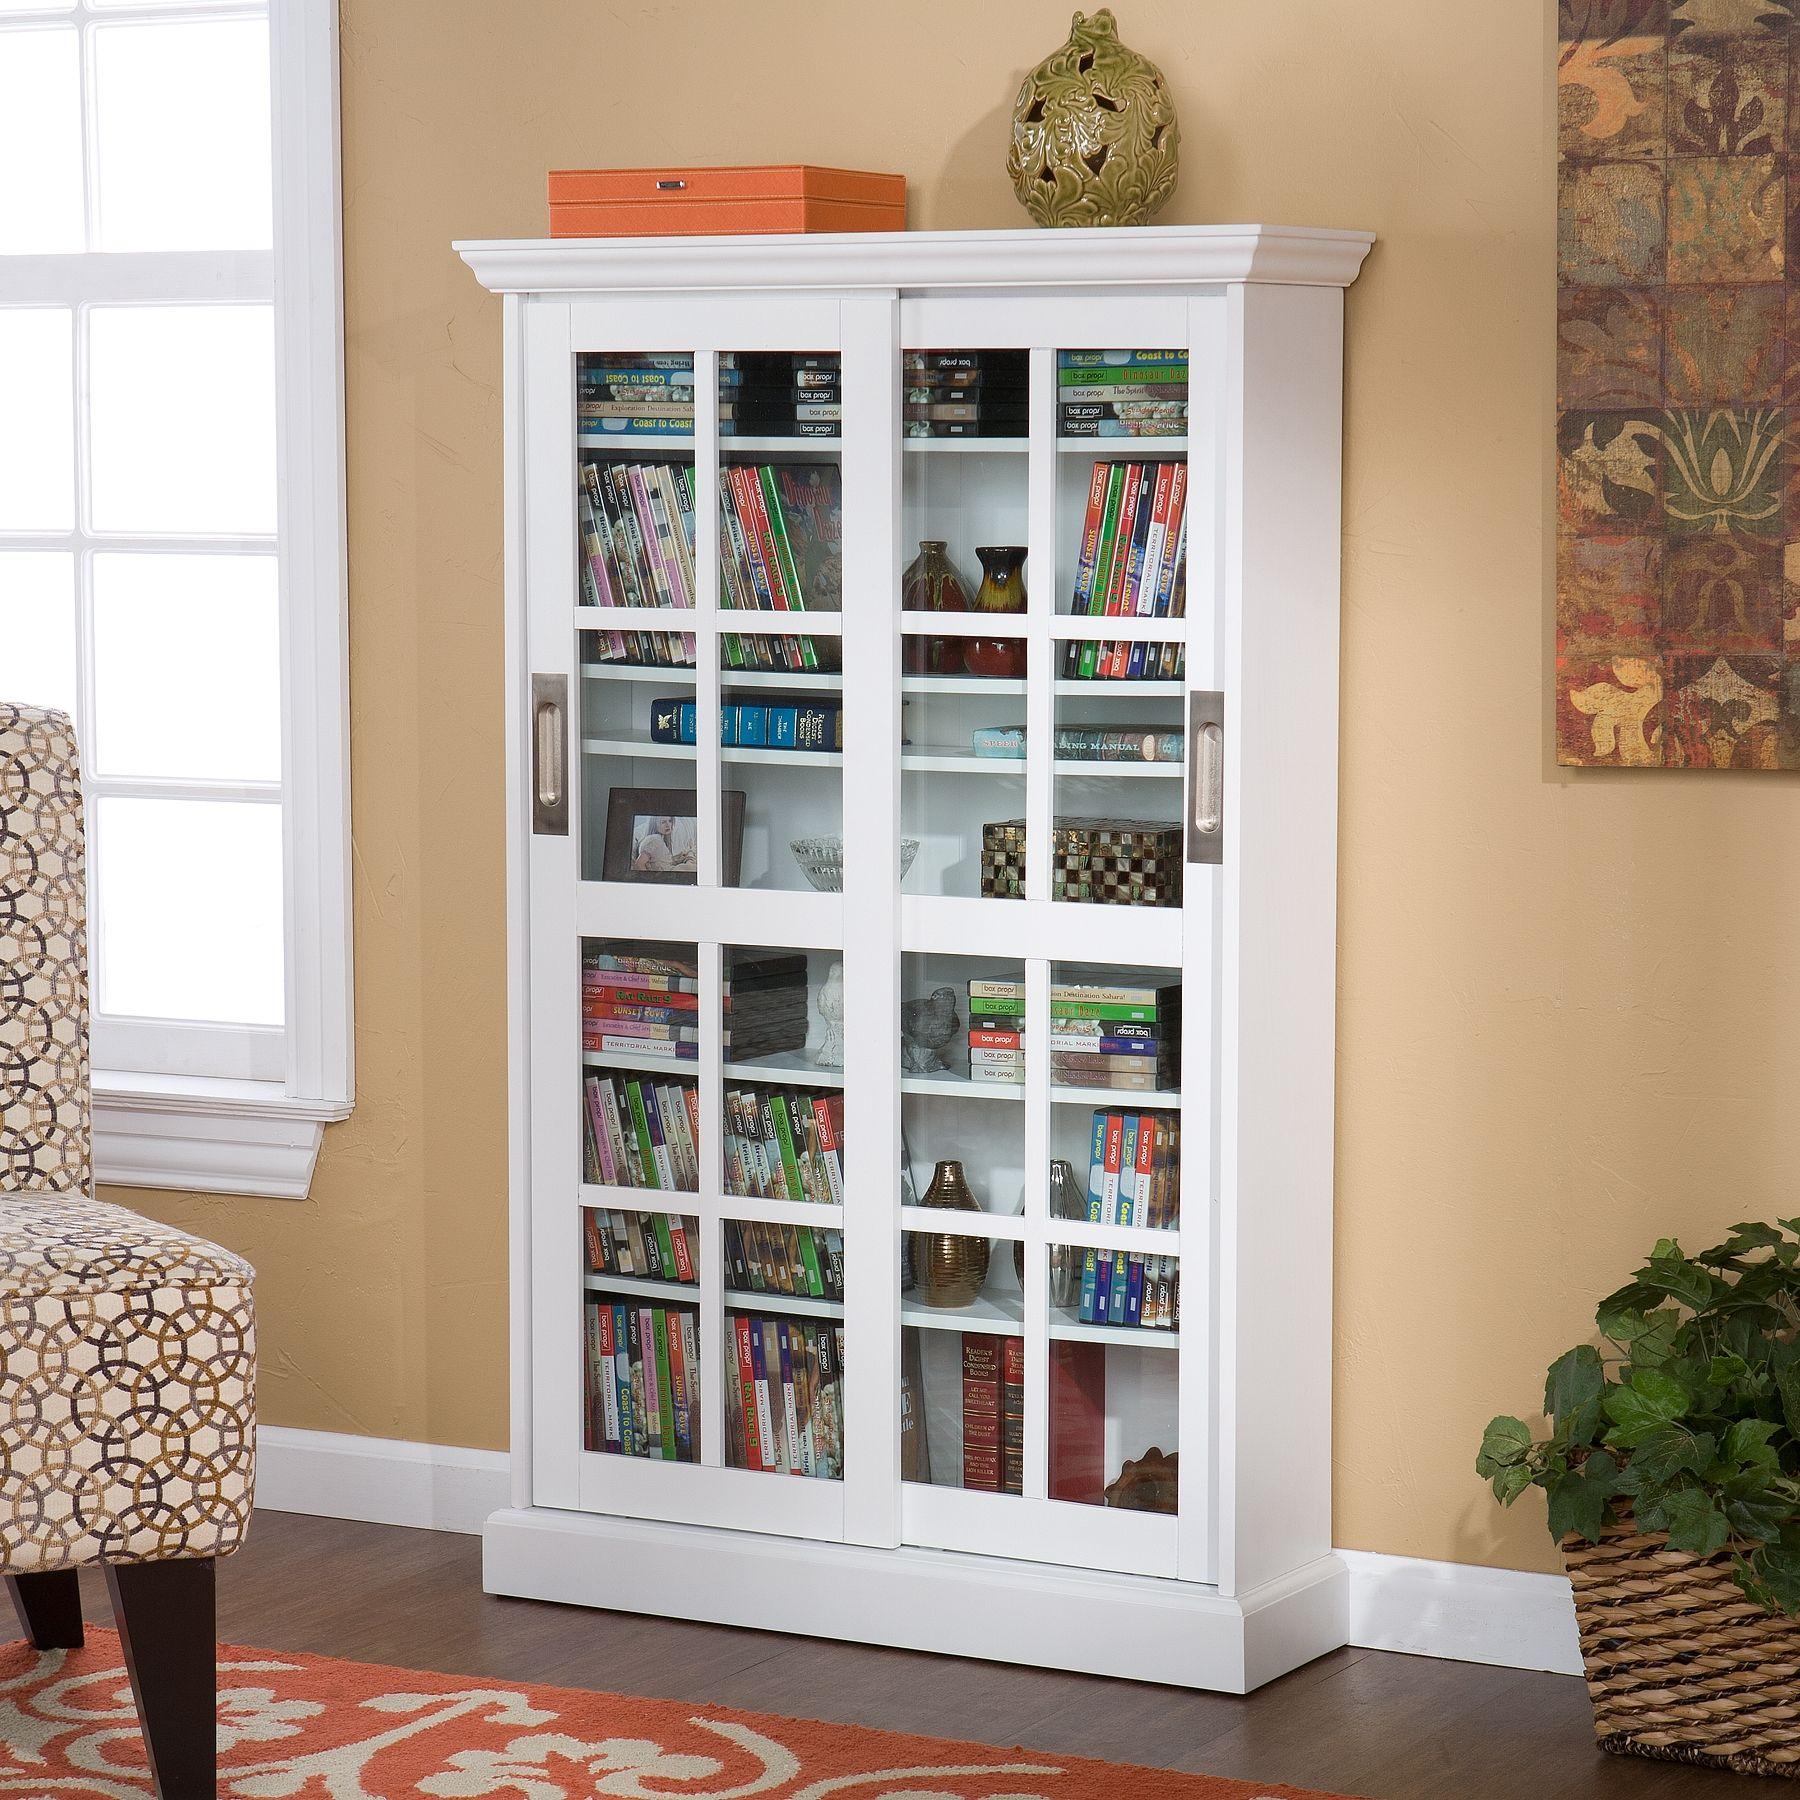 Dvd Media Cabinet With Doors Gallery doors design modern